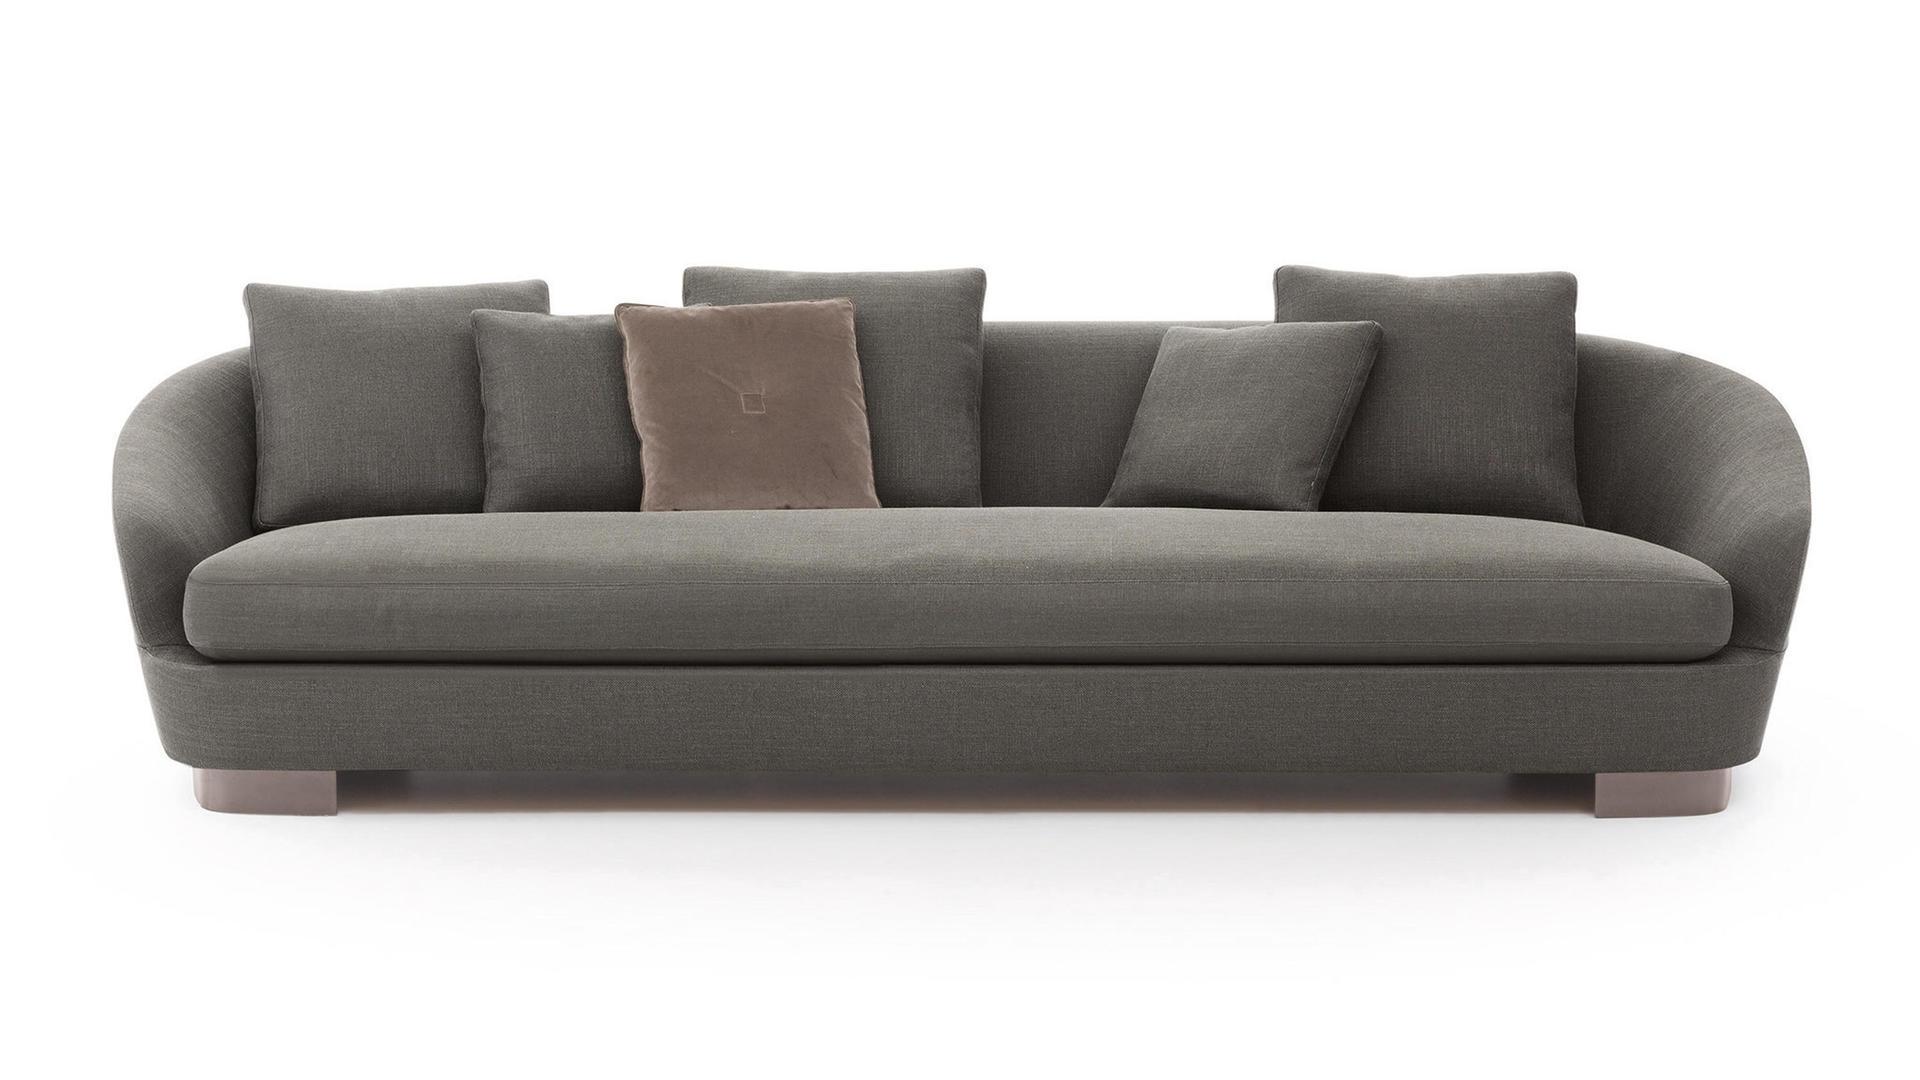 Sofa large.jpg